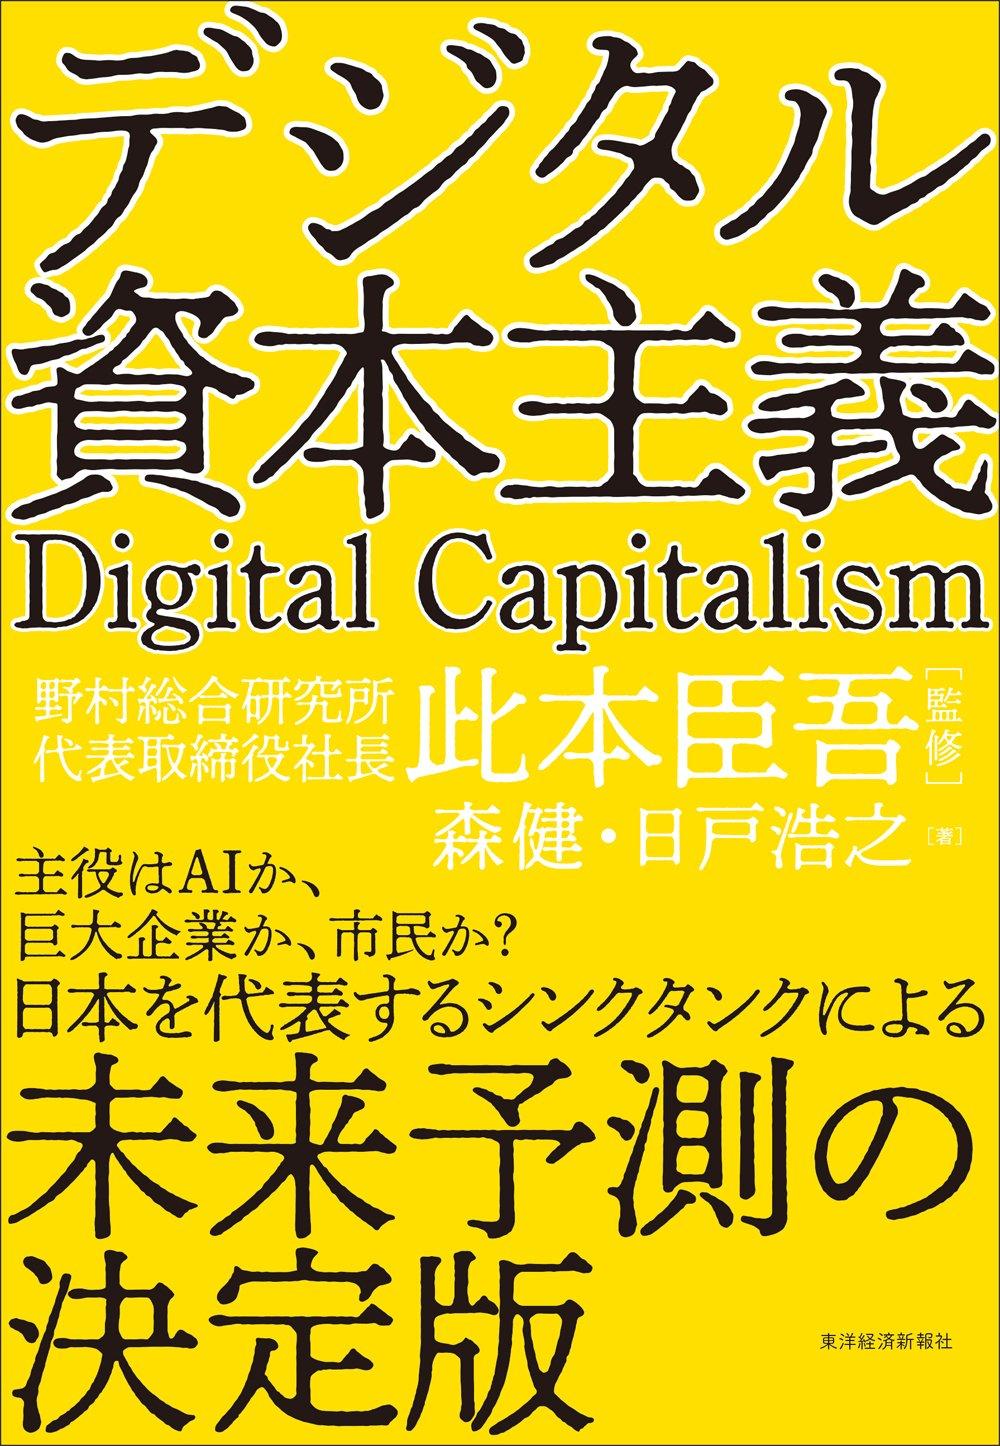 デジタル資本主義 | 森 健, 日戸 浩之, 此本 臣吾 |本 | 通販 | Amazon